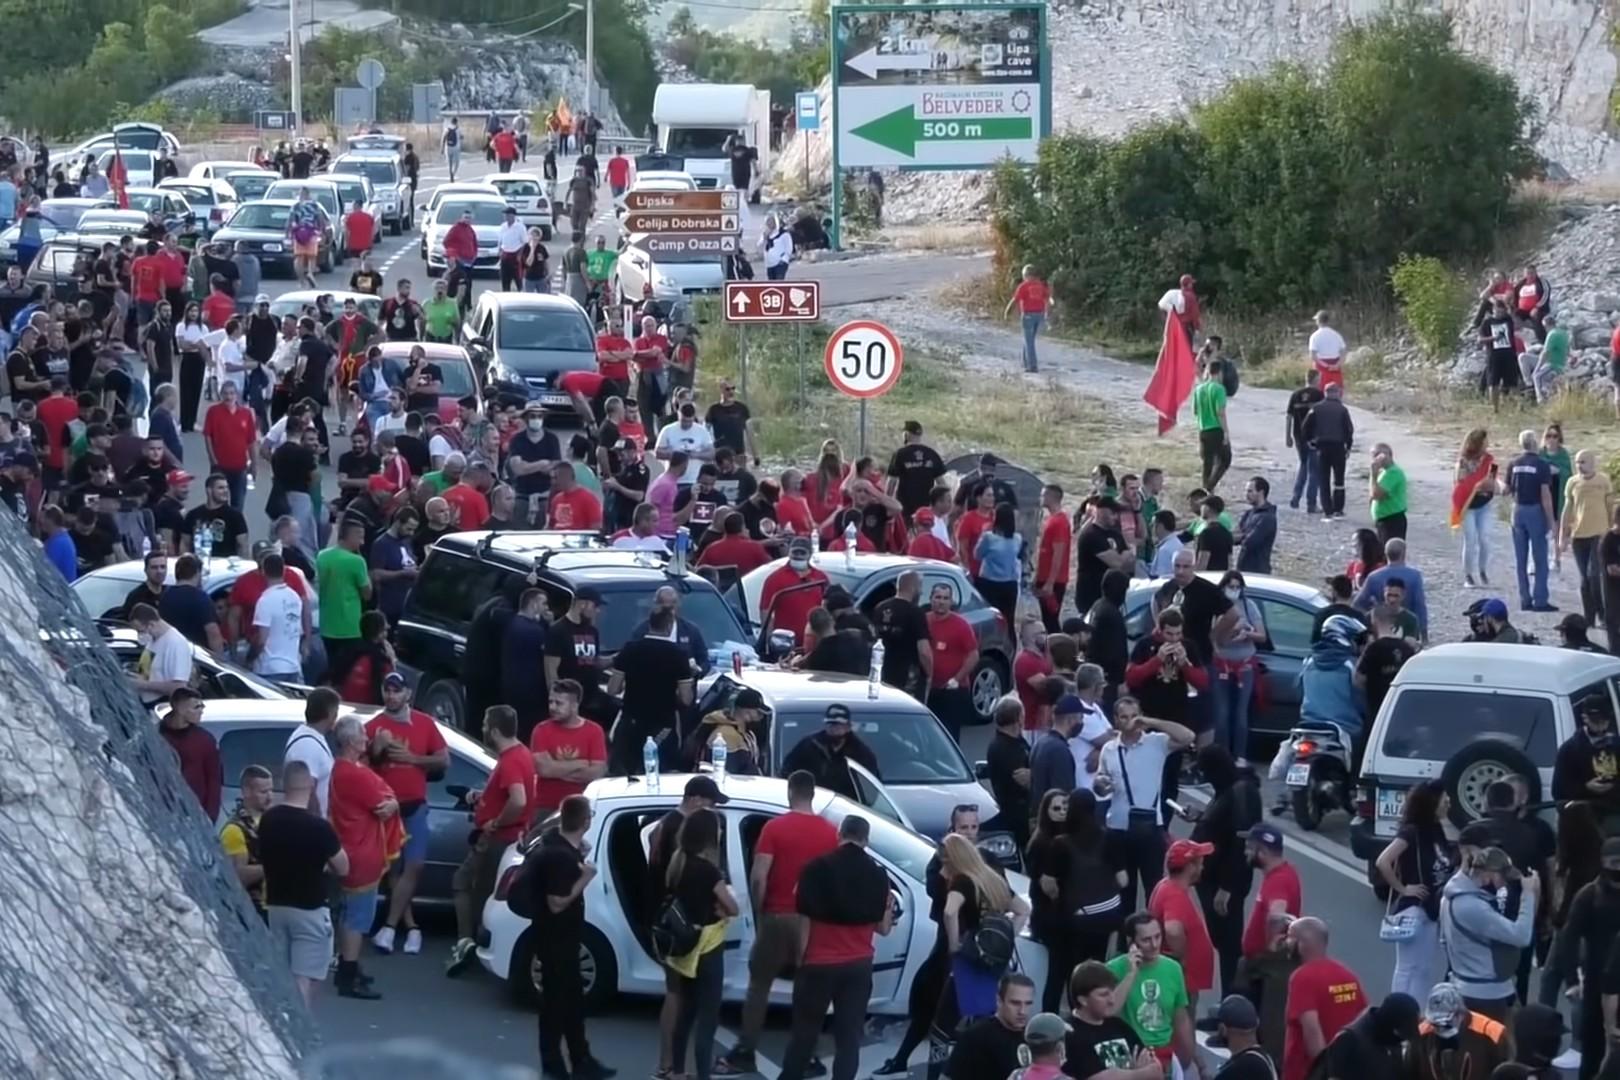 Protivnici ustoličenja mitropolita Joanikija tokom blokade puta na Cetinju, 05. septembar 2021. (Foto: Snimak ekrana/Jutjub/MediaBiro)